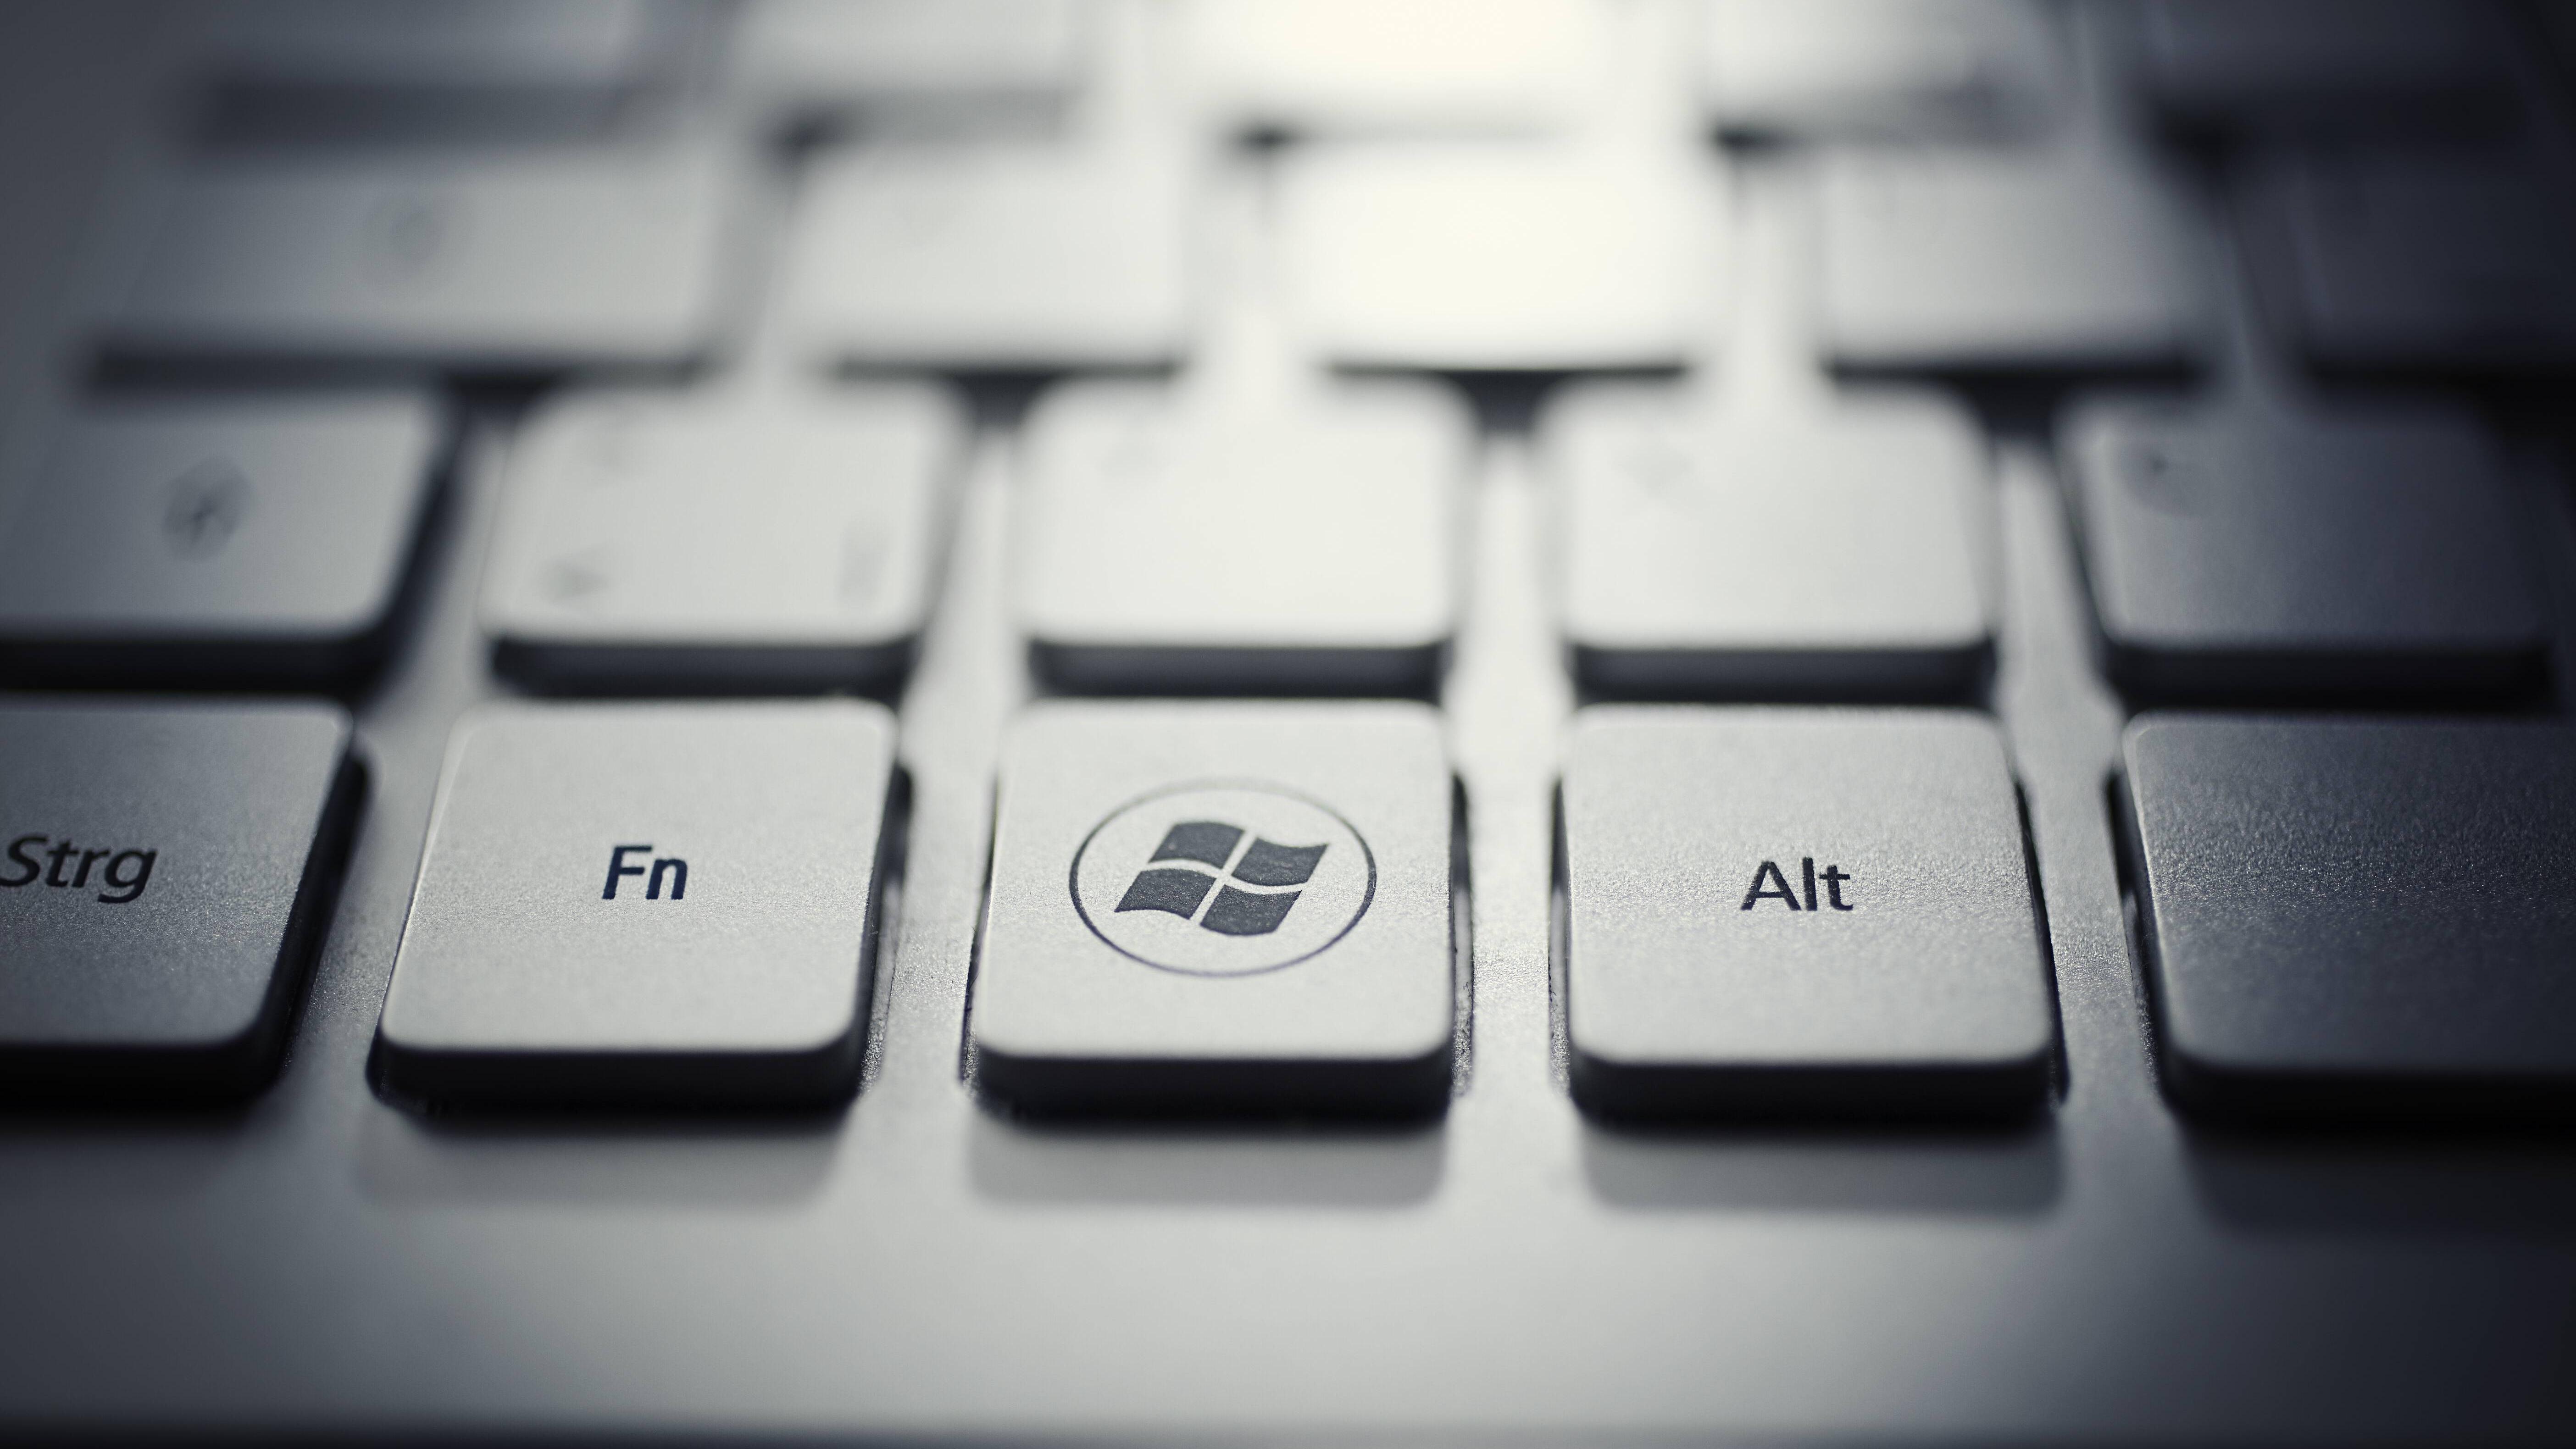 Windows 11: Tastenkombinationen in der Übersicht